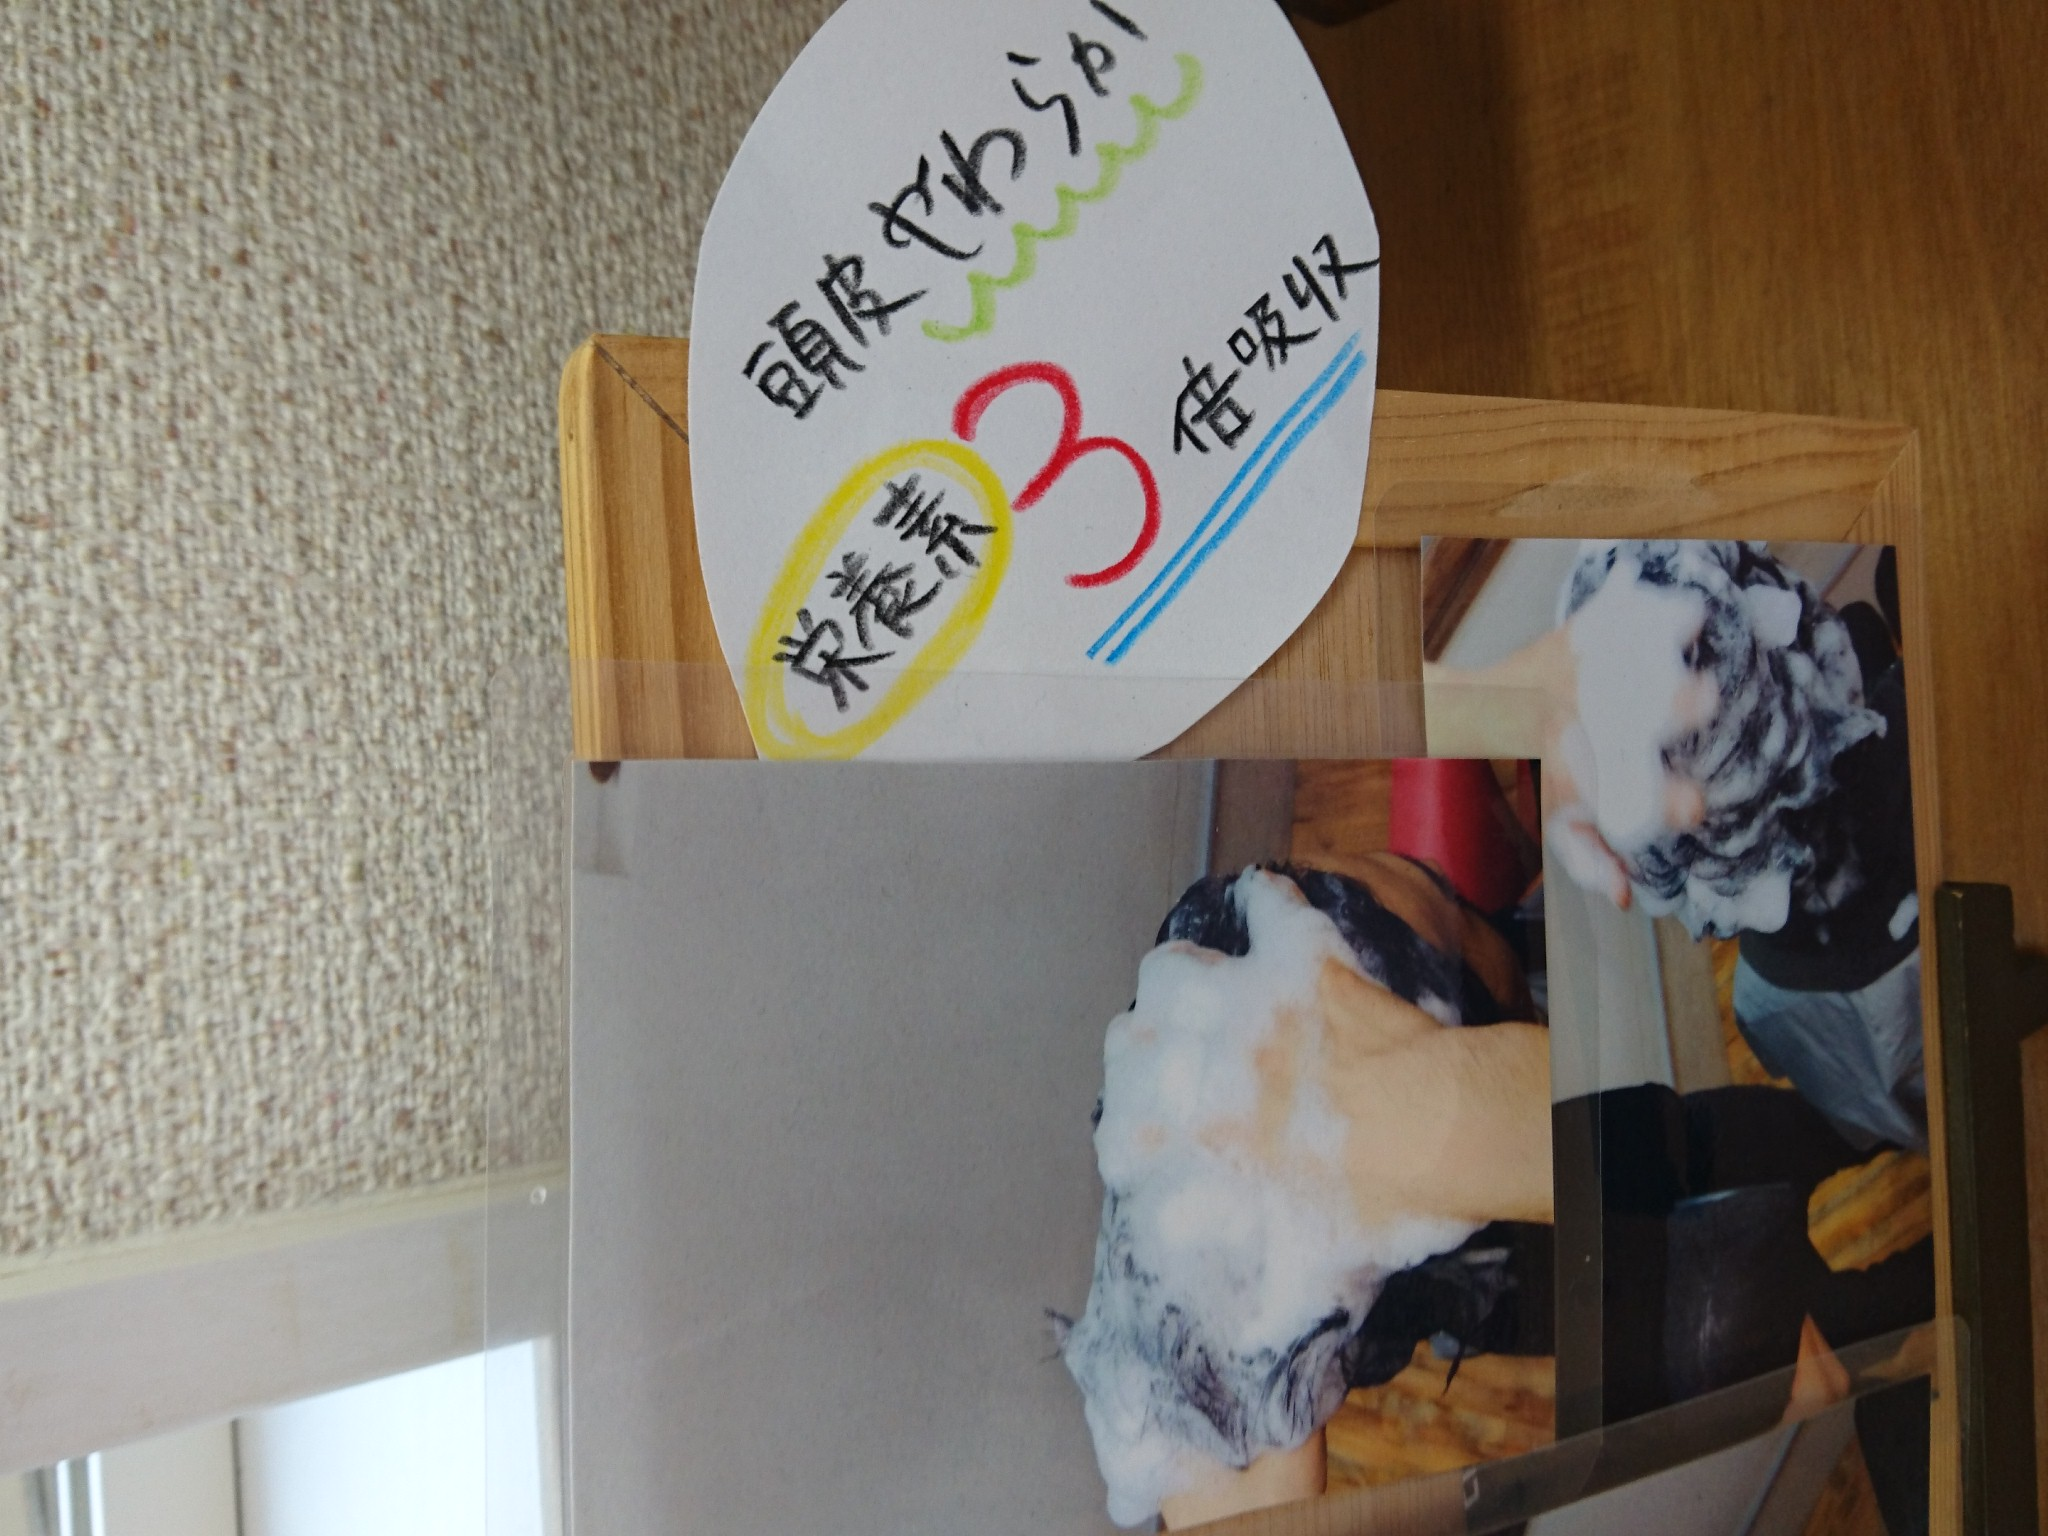 16-11-01-08-48-09-342_photo